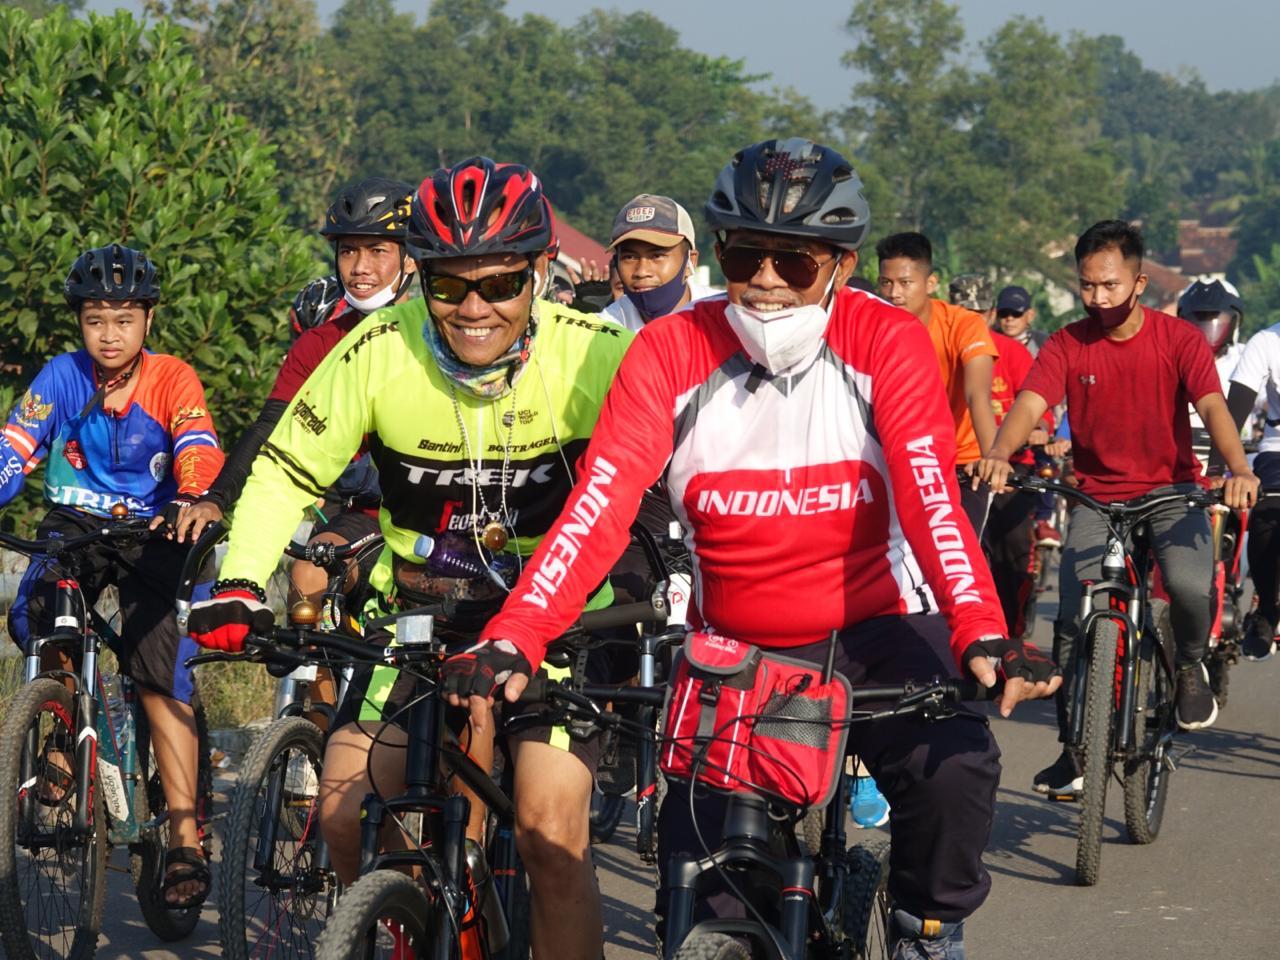 Bupati Lampung Tengah Goes Bareng Bersama Dandim 0411